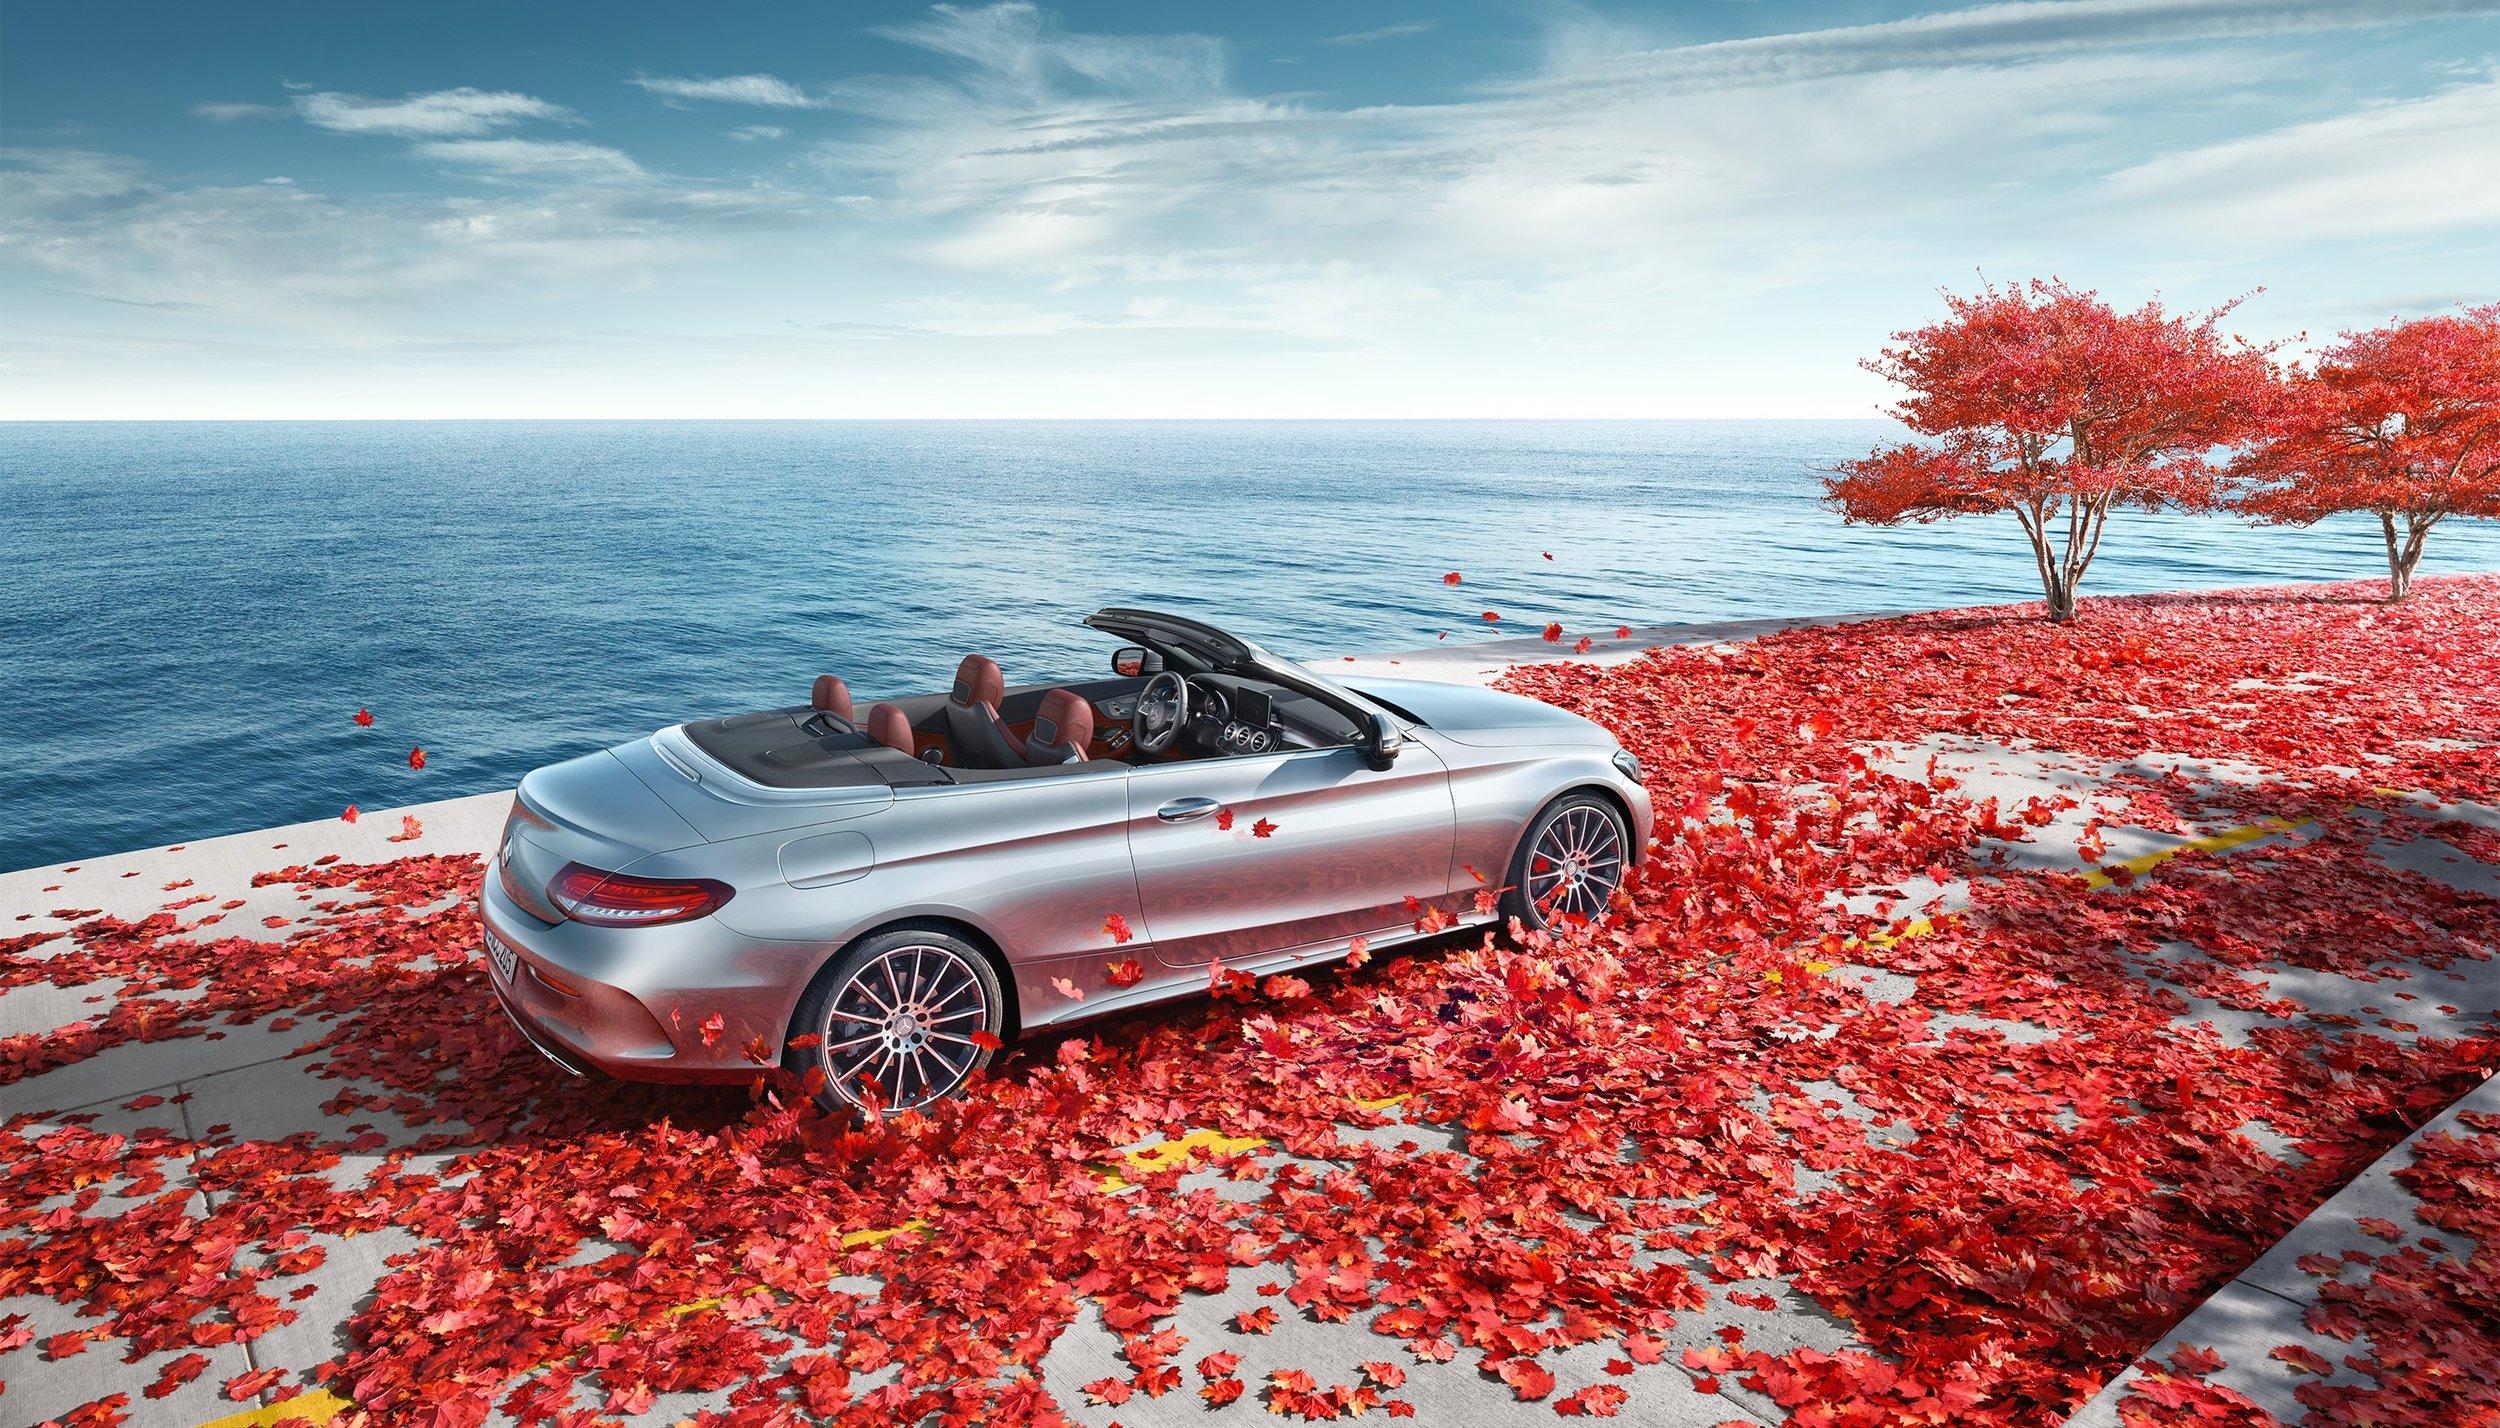 Markus Wendler Mercedes Benz C Class Convertible 1512302976515.jpg